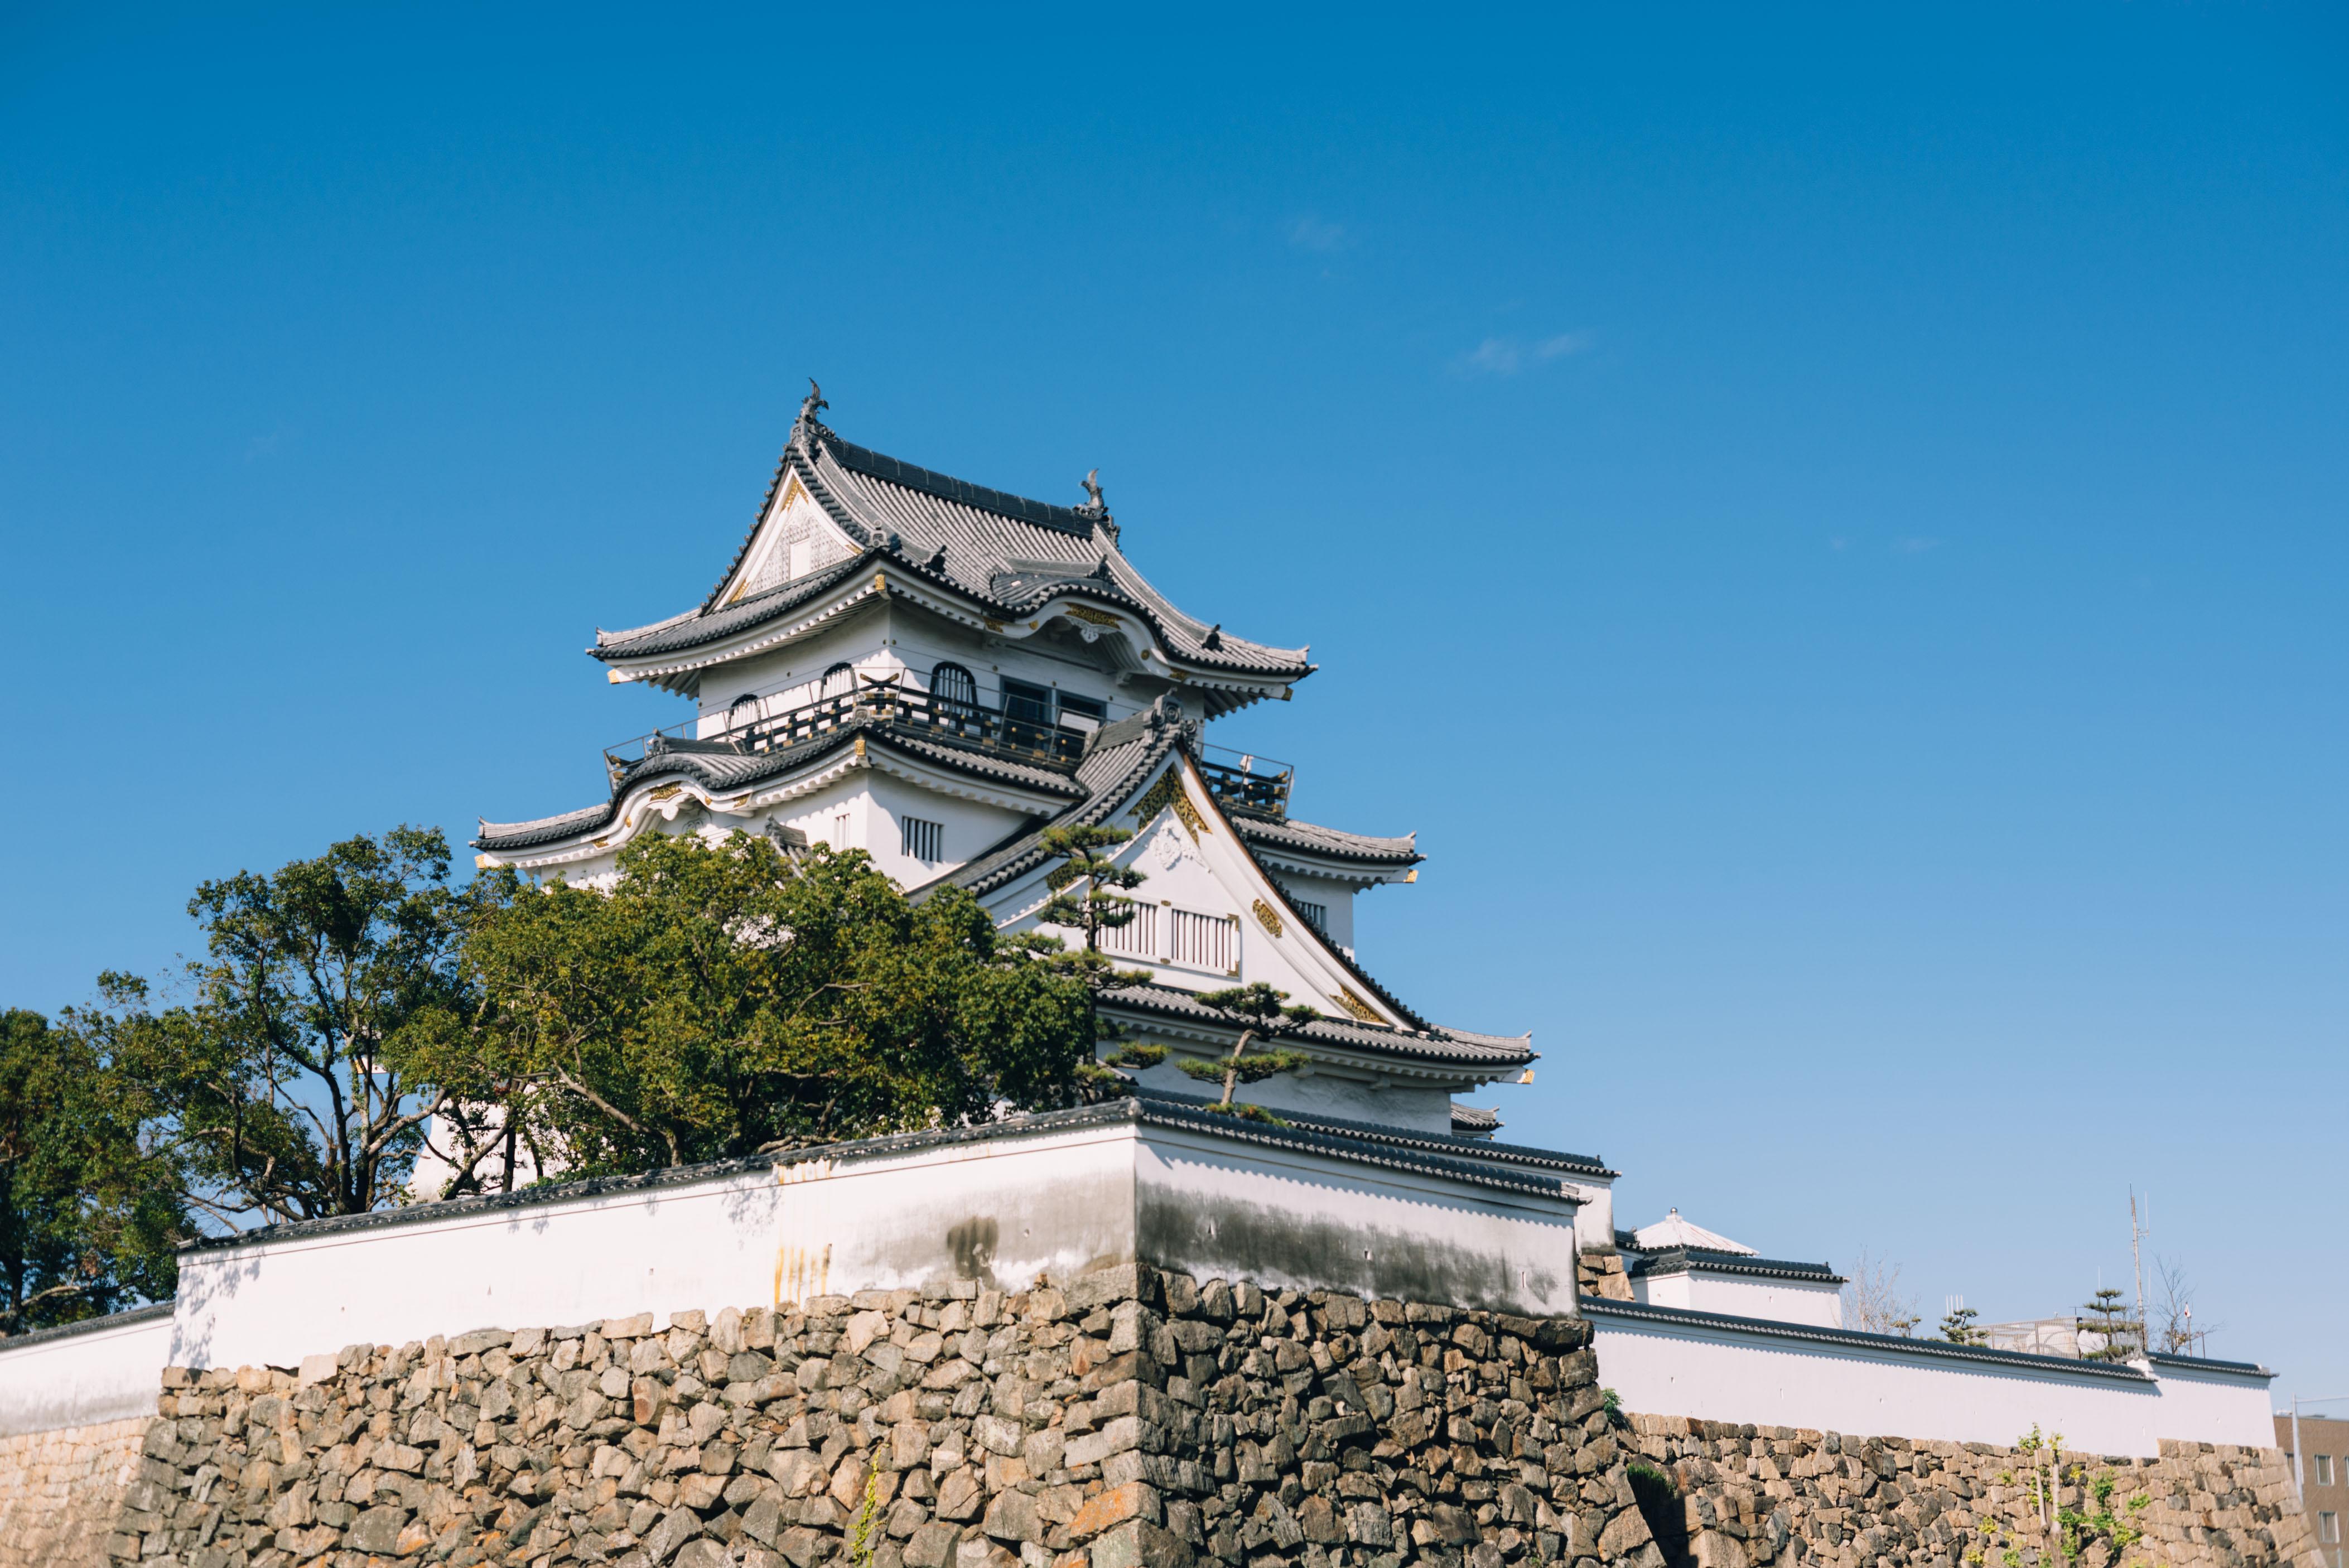 最後の最後47都道府県目、大阪府に入ろう。【日本一周267日目12.17】